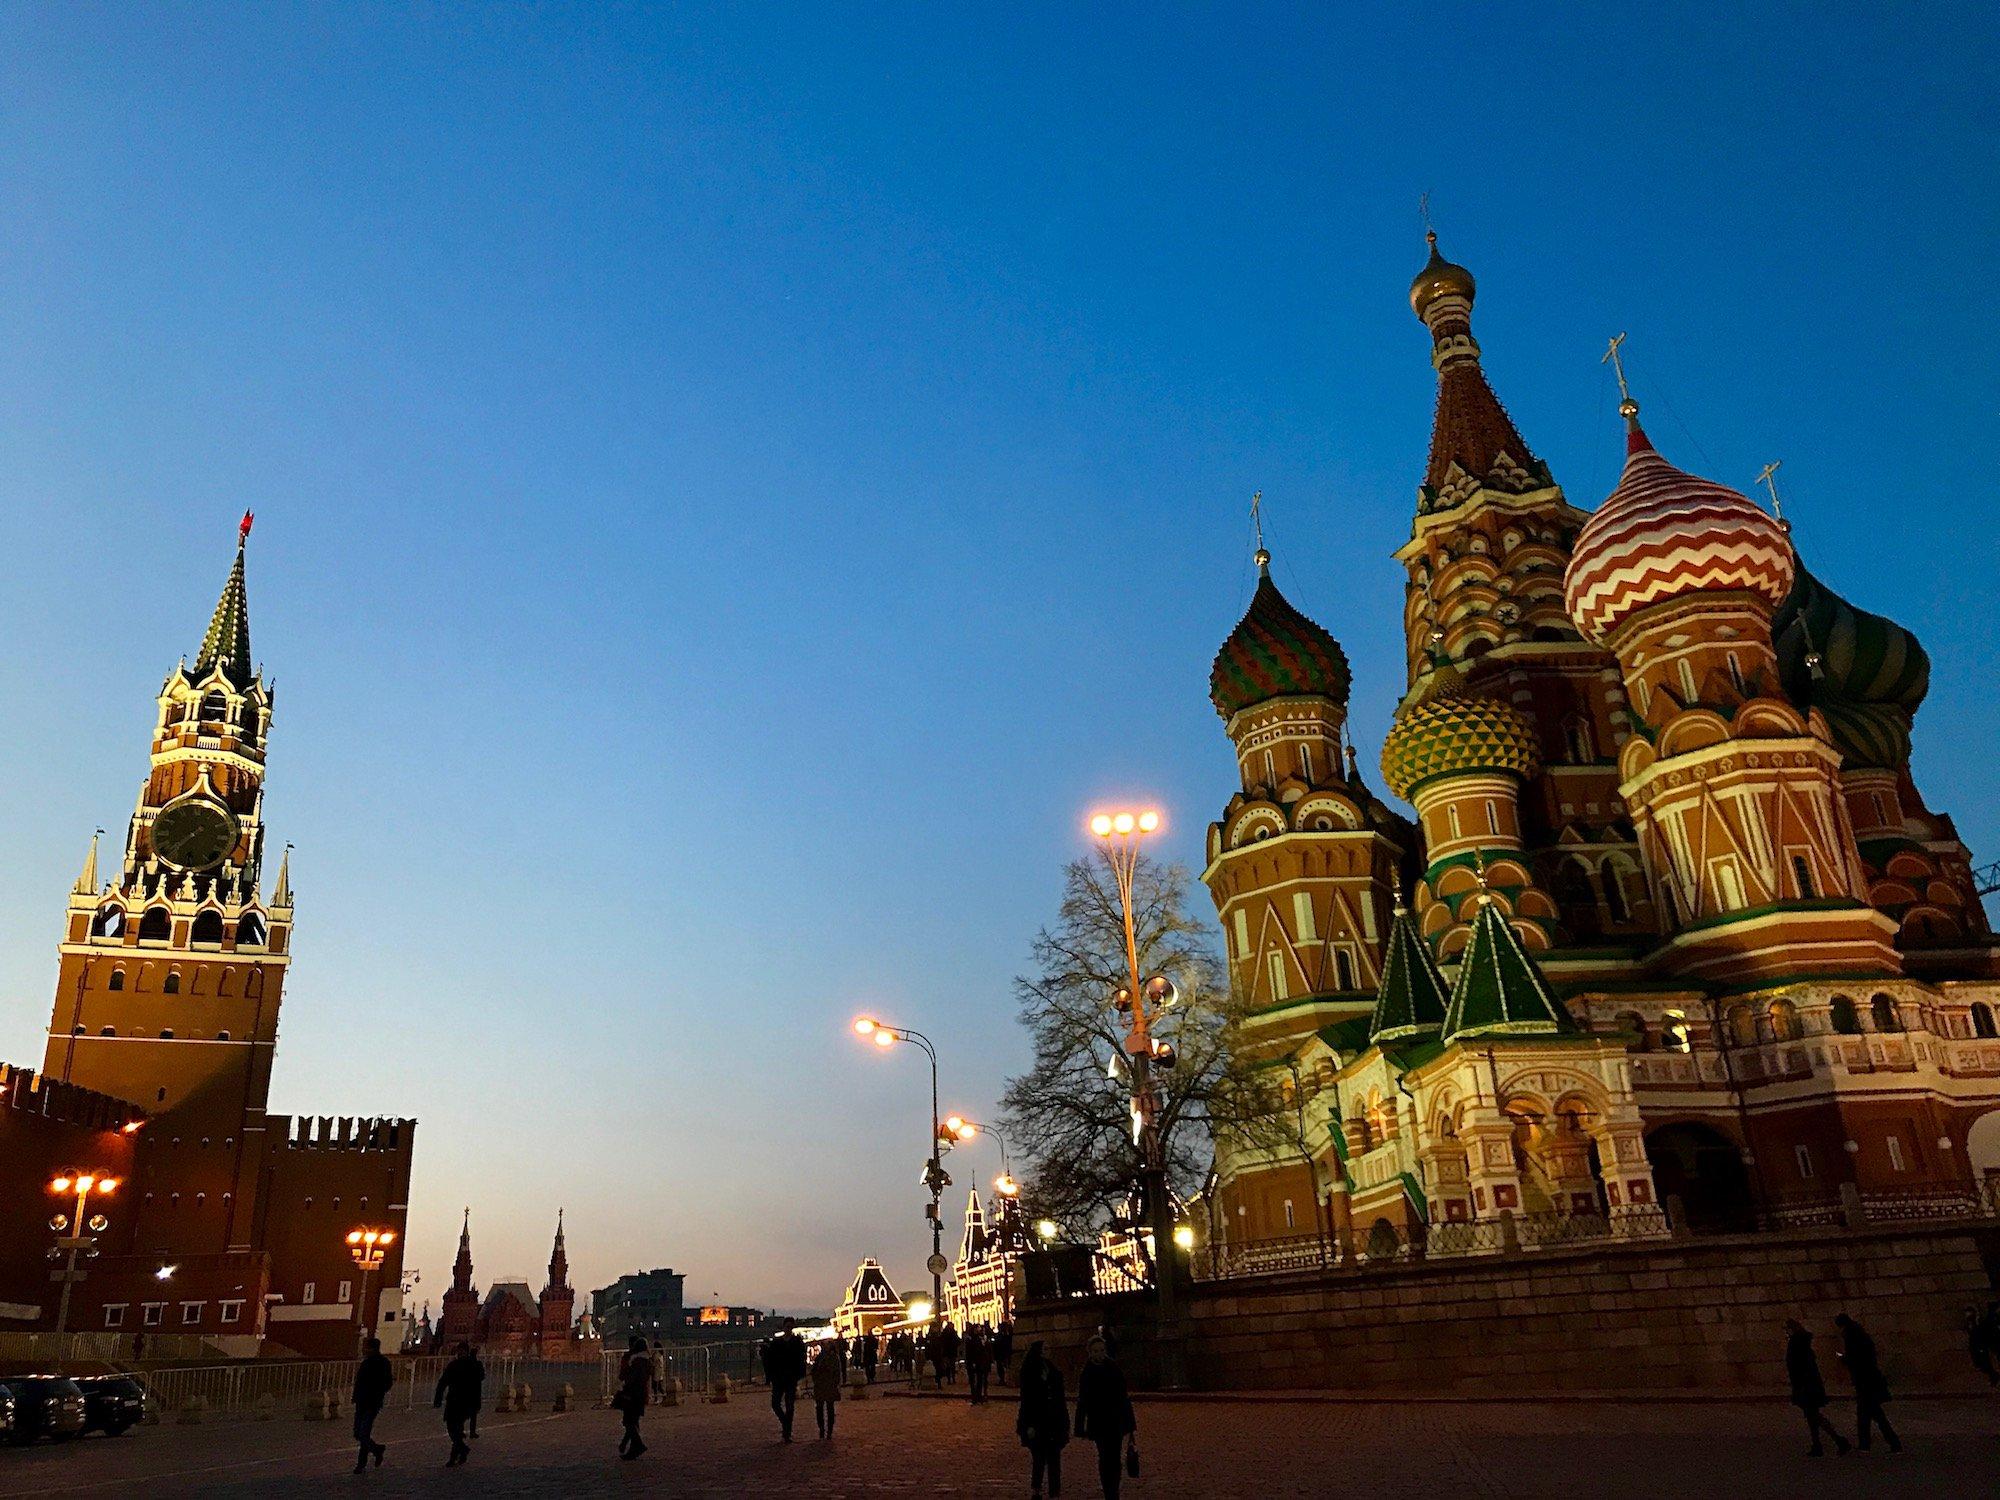 Eglise-Saint-Basile-le-bienheureux-de-nuit-Moscou-Russie (1)